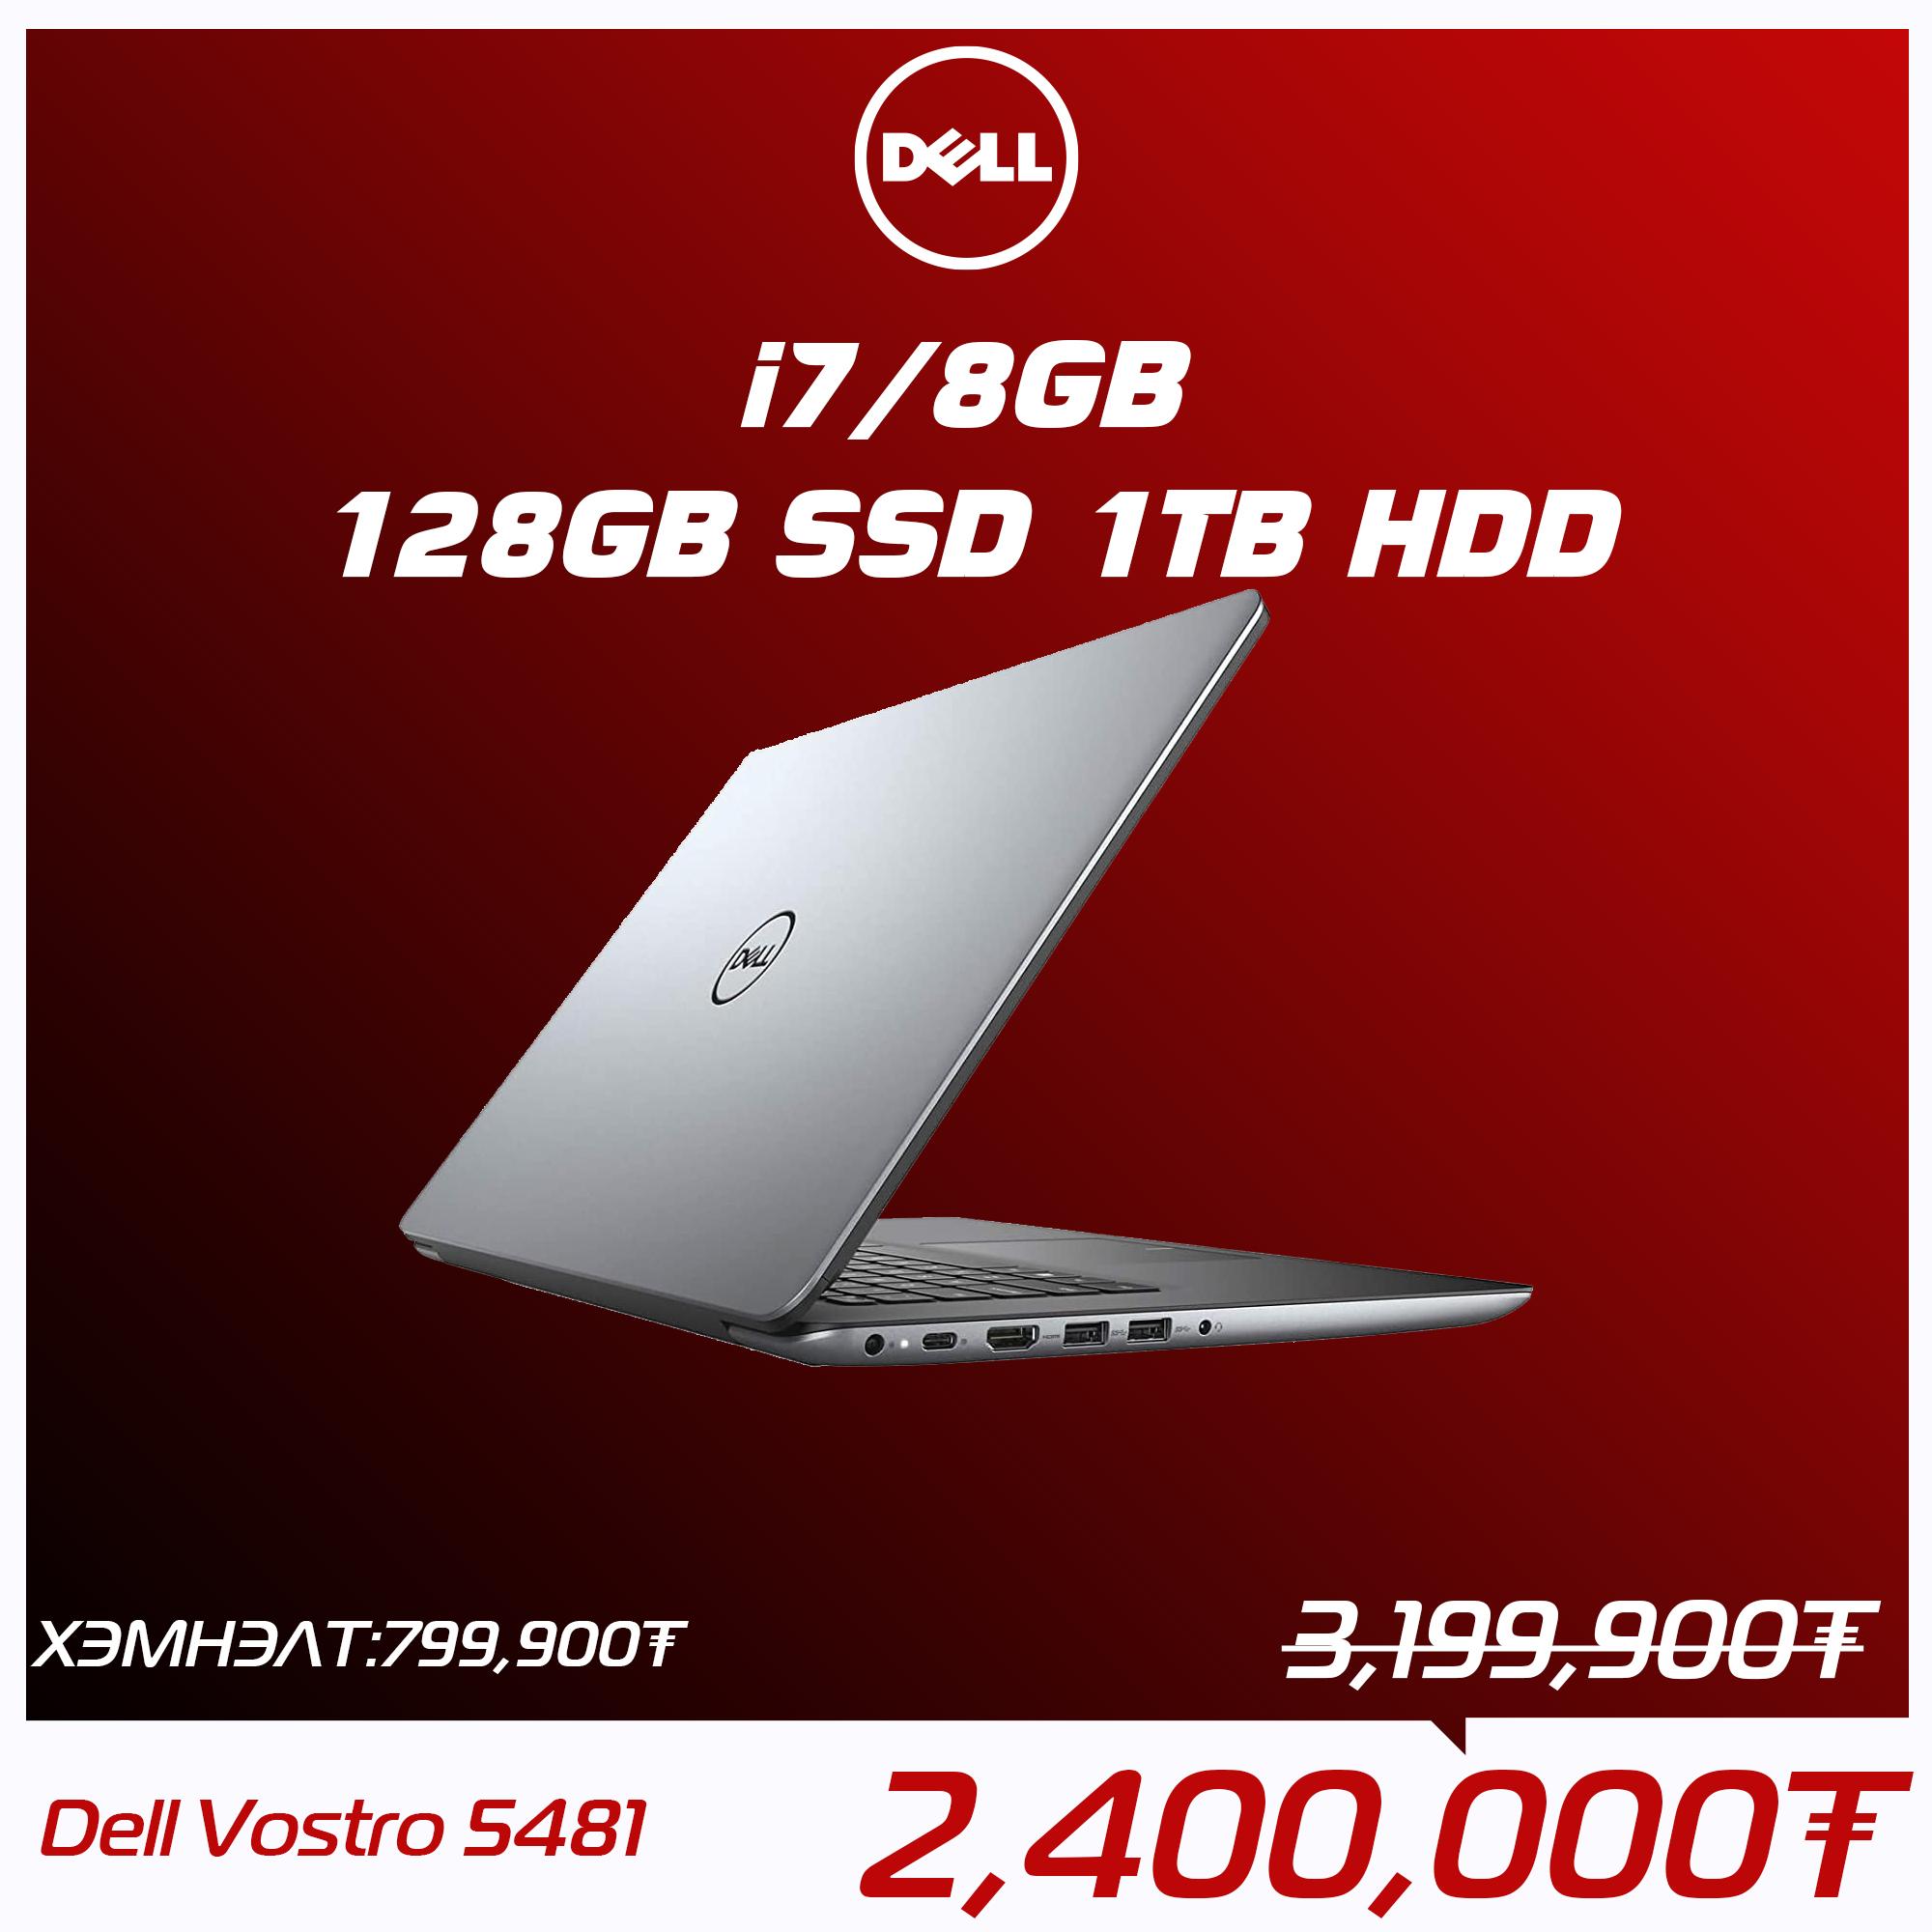 Dell Vostro 5481